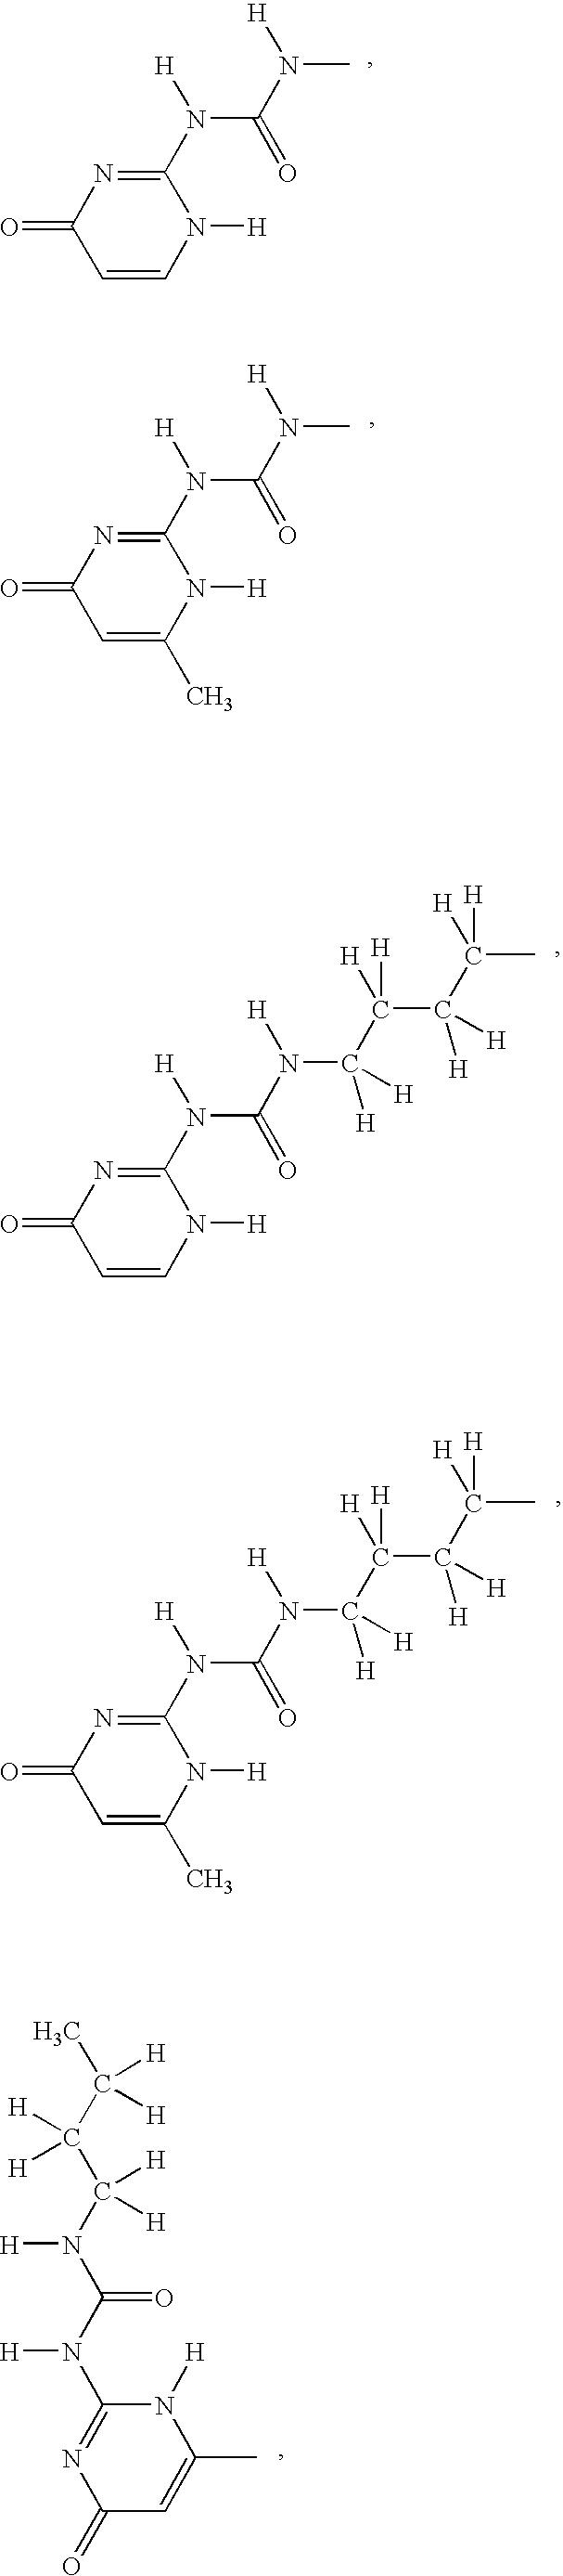 Figure US20040065227A1-20040408-C00064